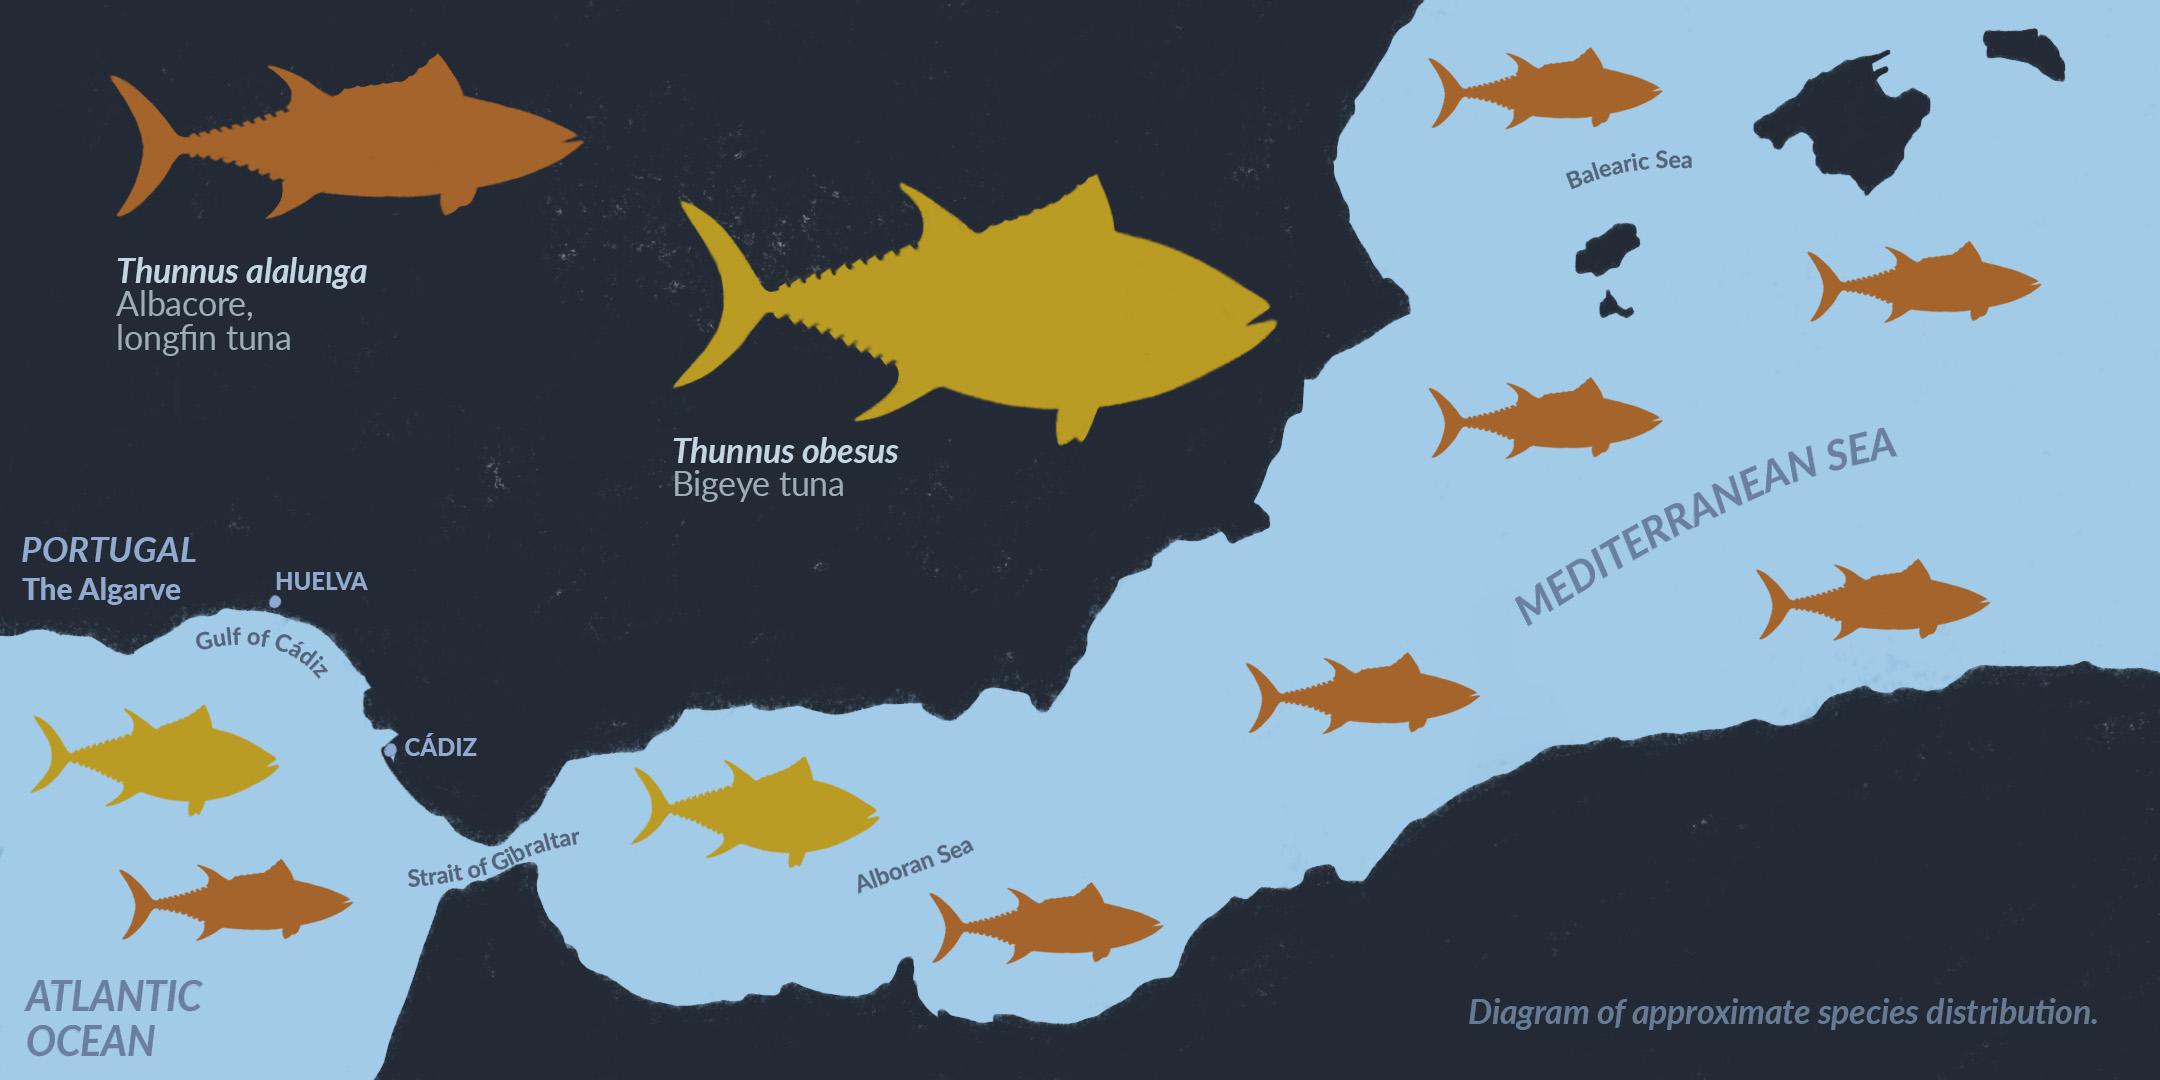 Mapa de distribución aproximada del thunnus alalunga, albacora, y thunnus obesus, patudo en el Mediterráneo oriental y el Algarve portugués